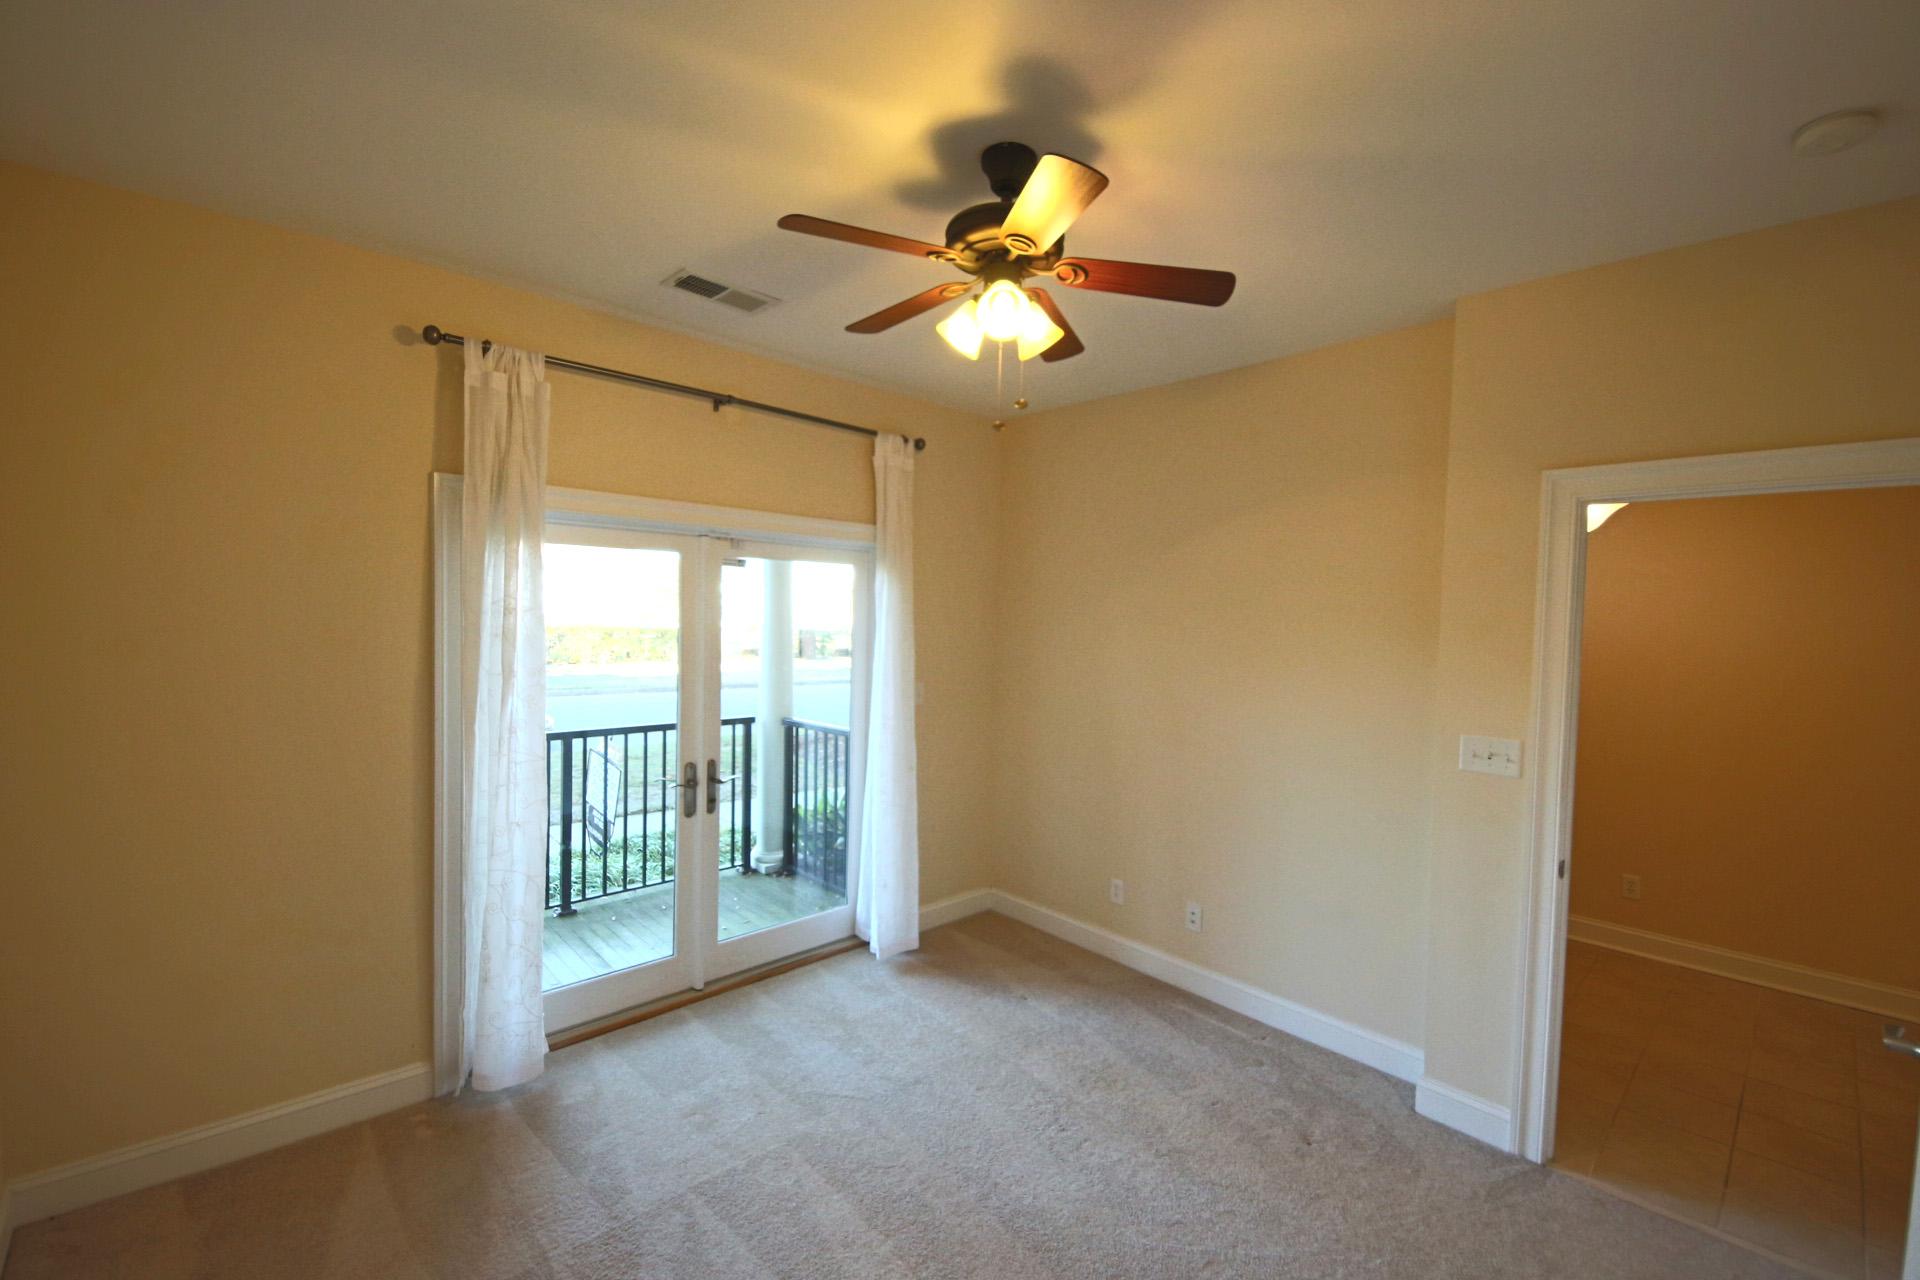 3. Bedroom 1